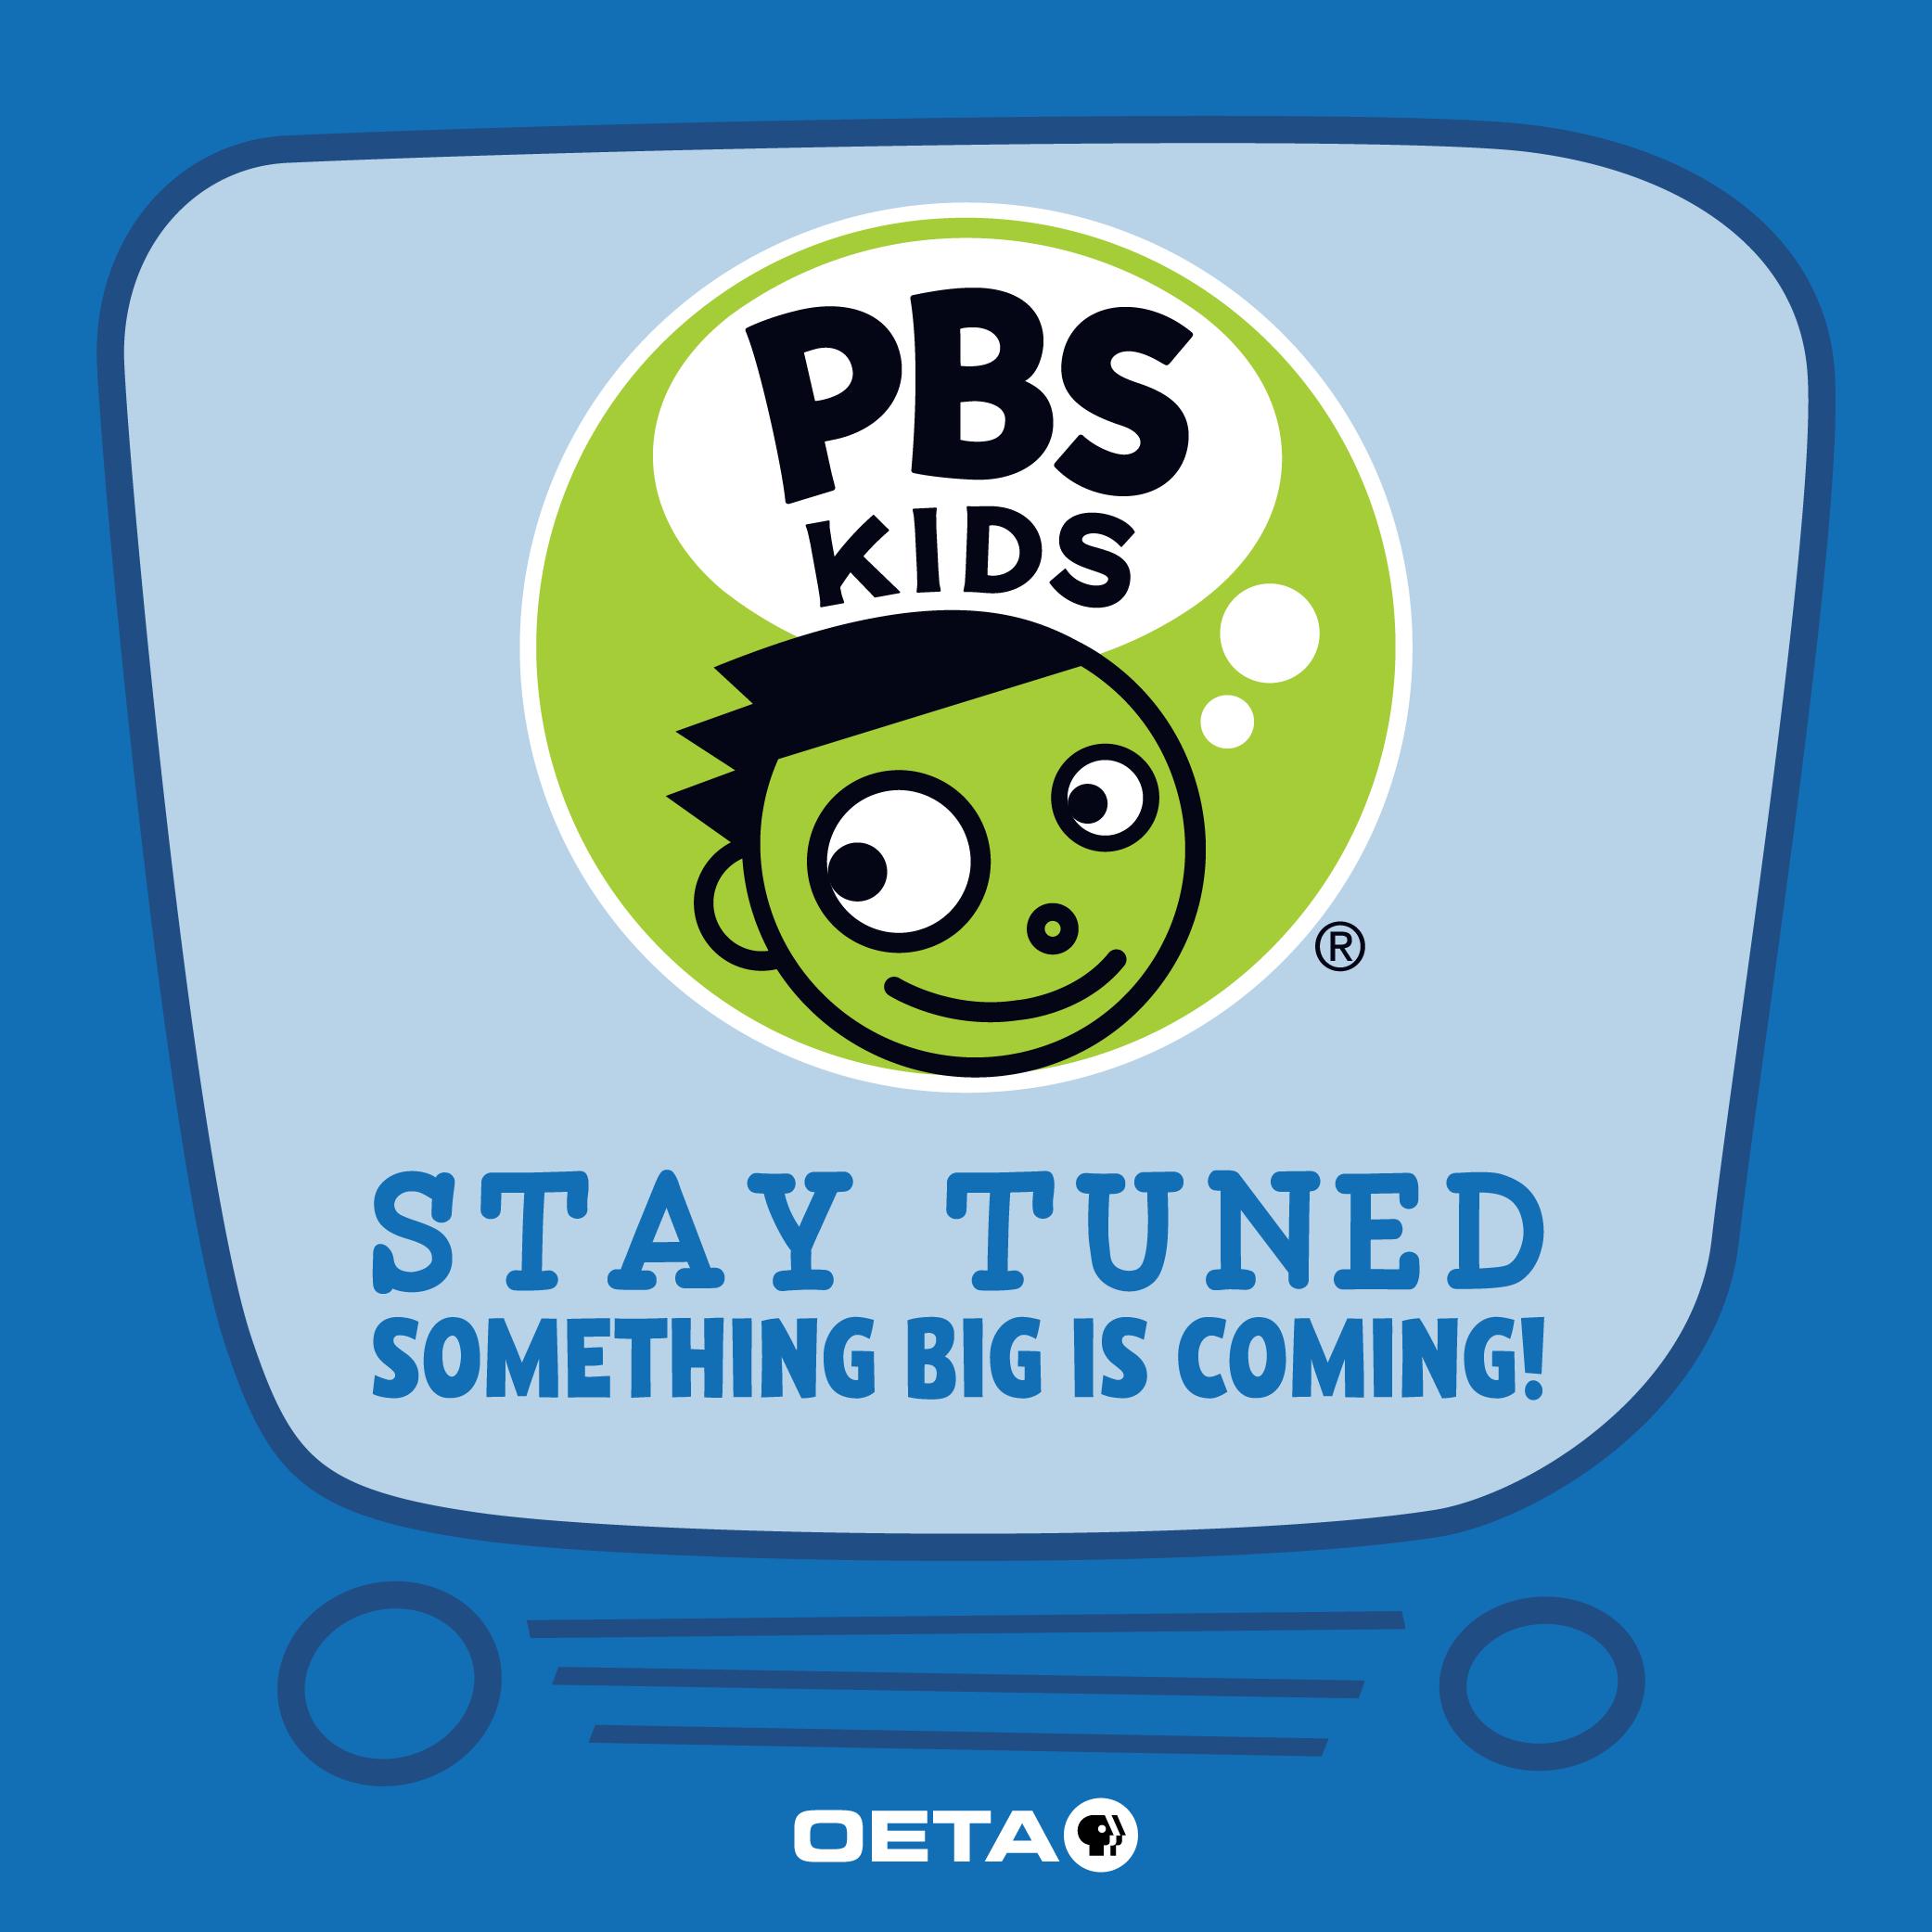 PBS Kids Ad